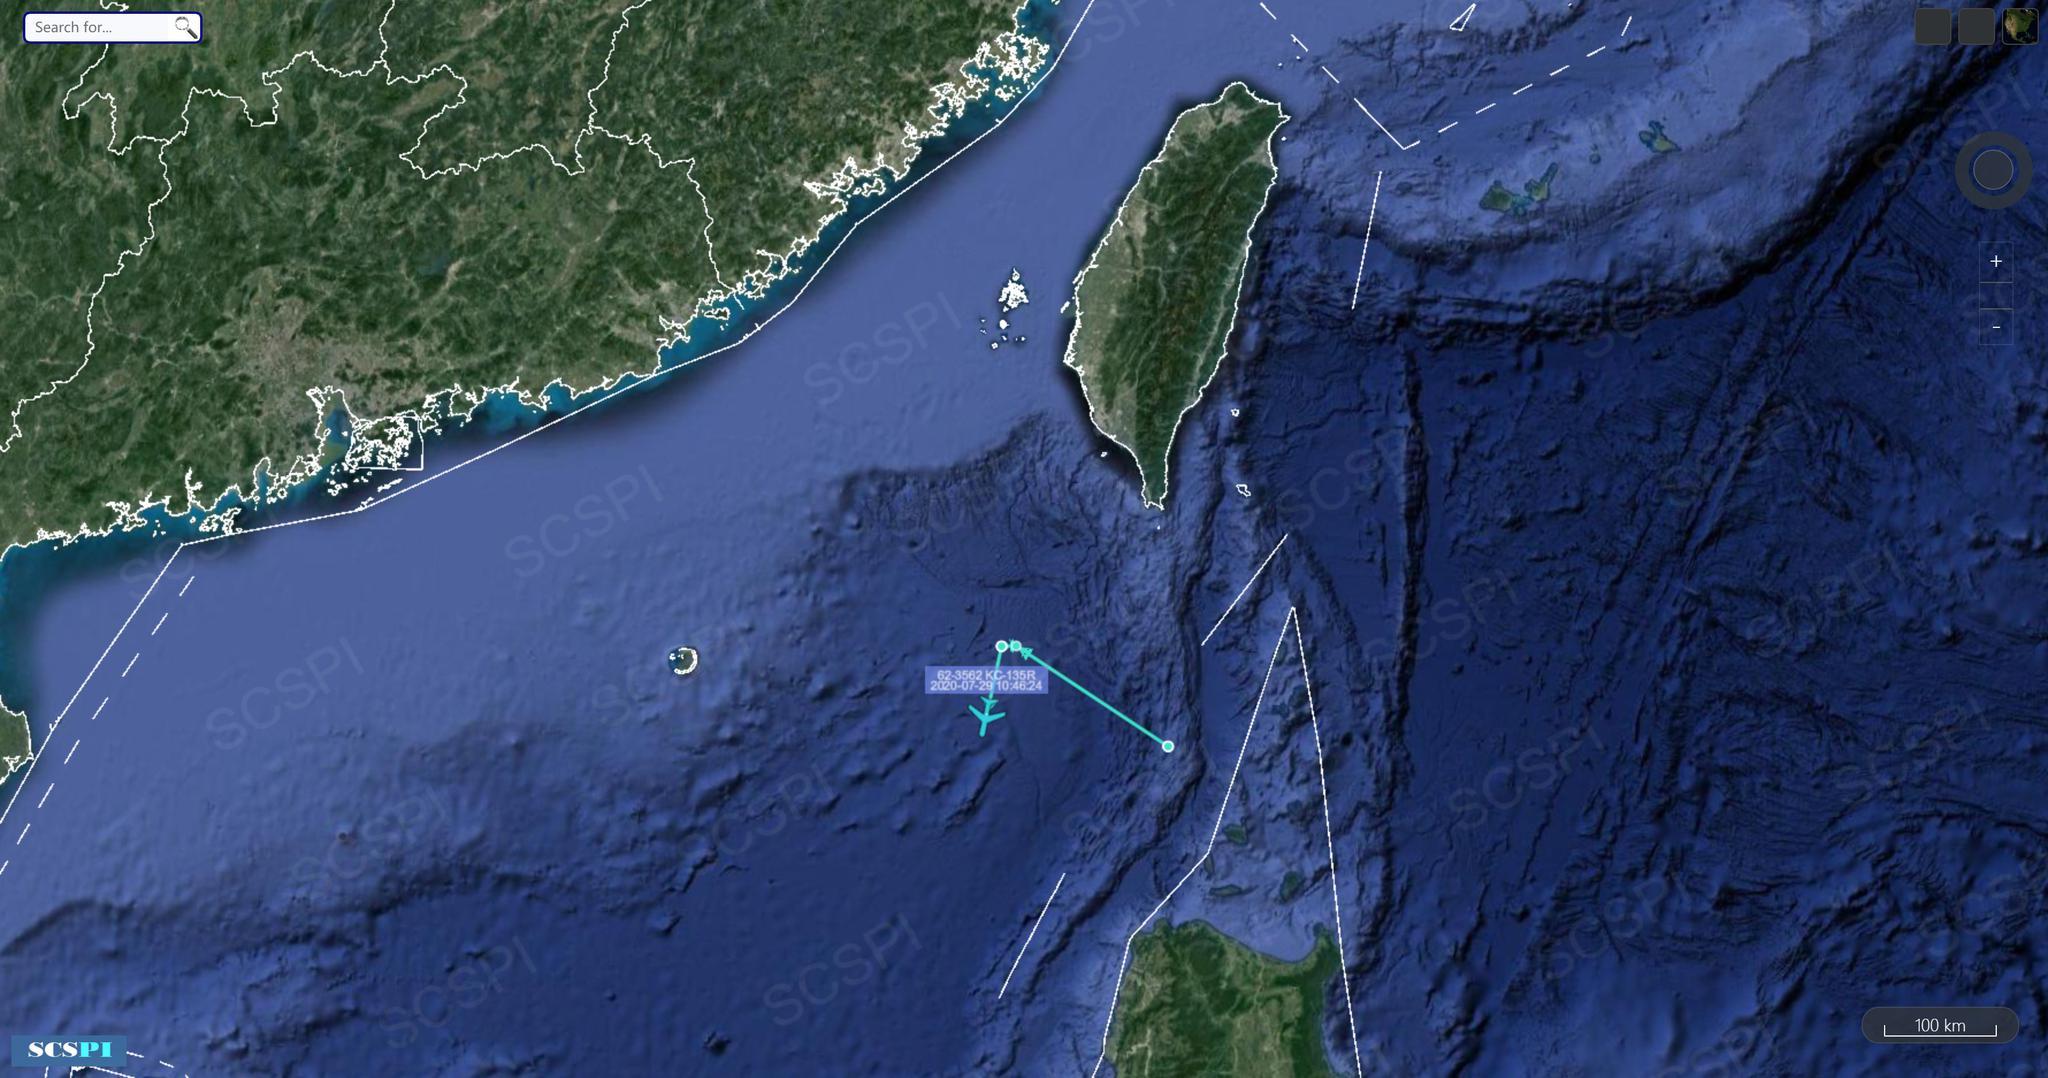 美军又派P-8A进入南海上空 距广东海岸最近96.5公里